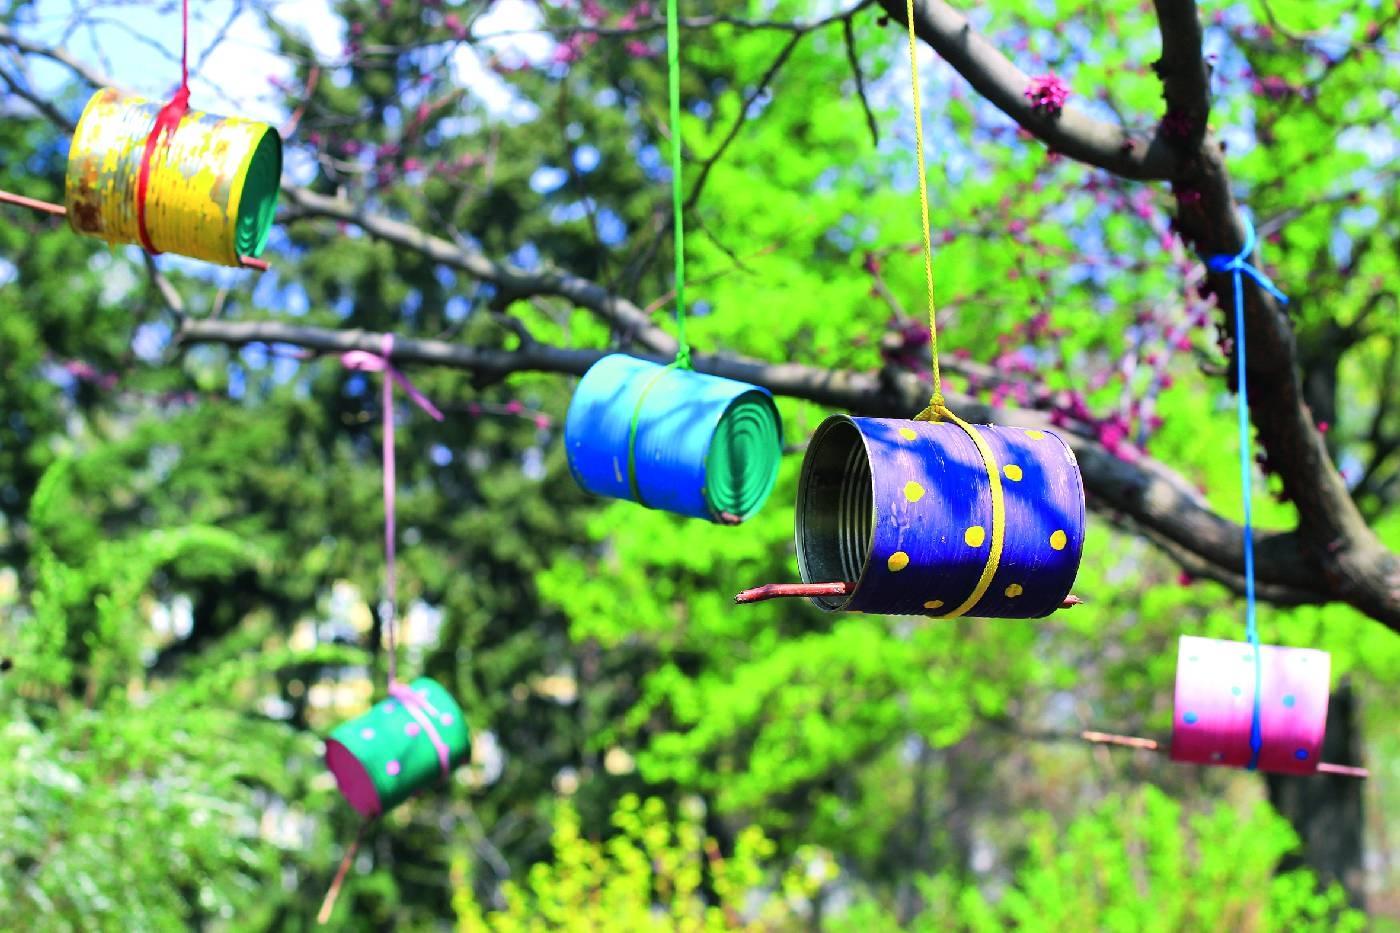 Jednorazówki W Ogrodzie Meble I Doniczki Z Recyklingu E